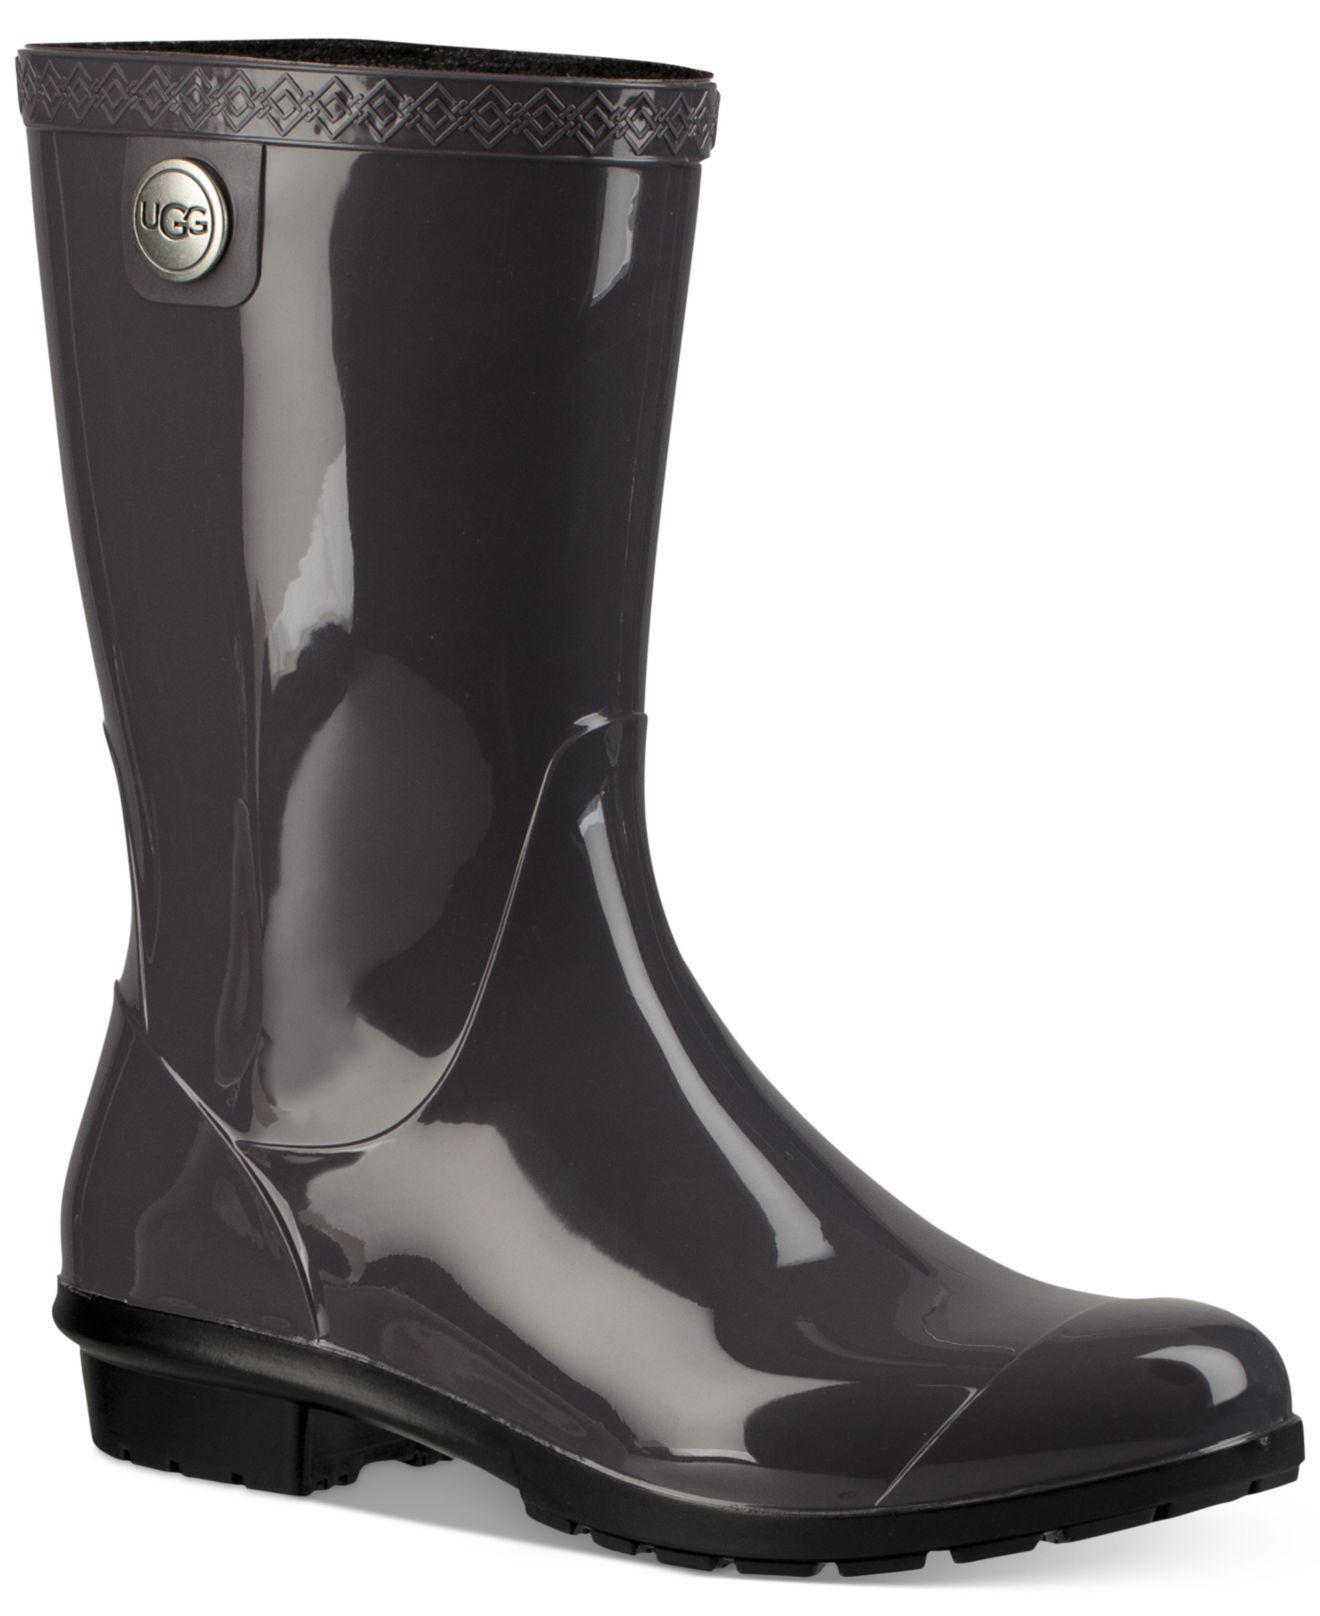 UGG® Sienna Matte Rain Boots zCTk4nb2